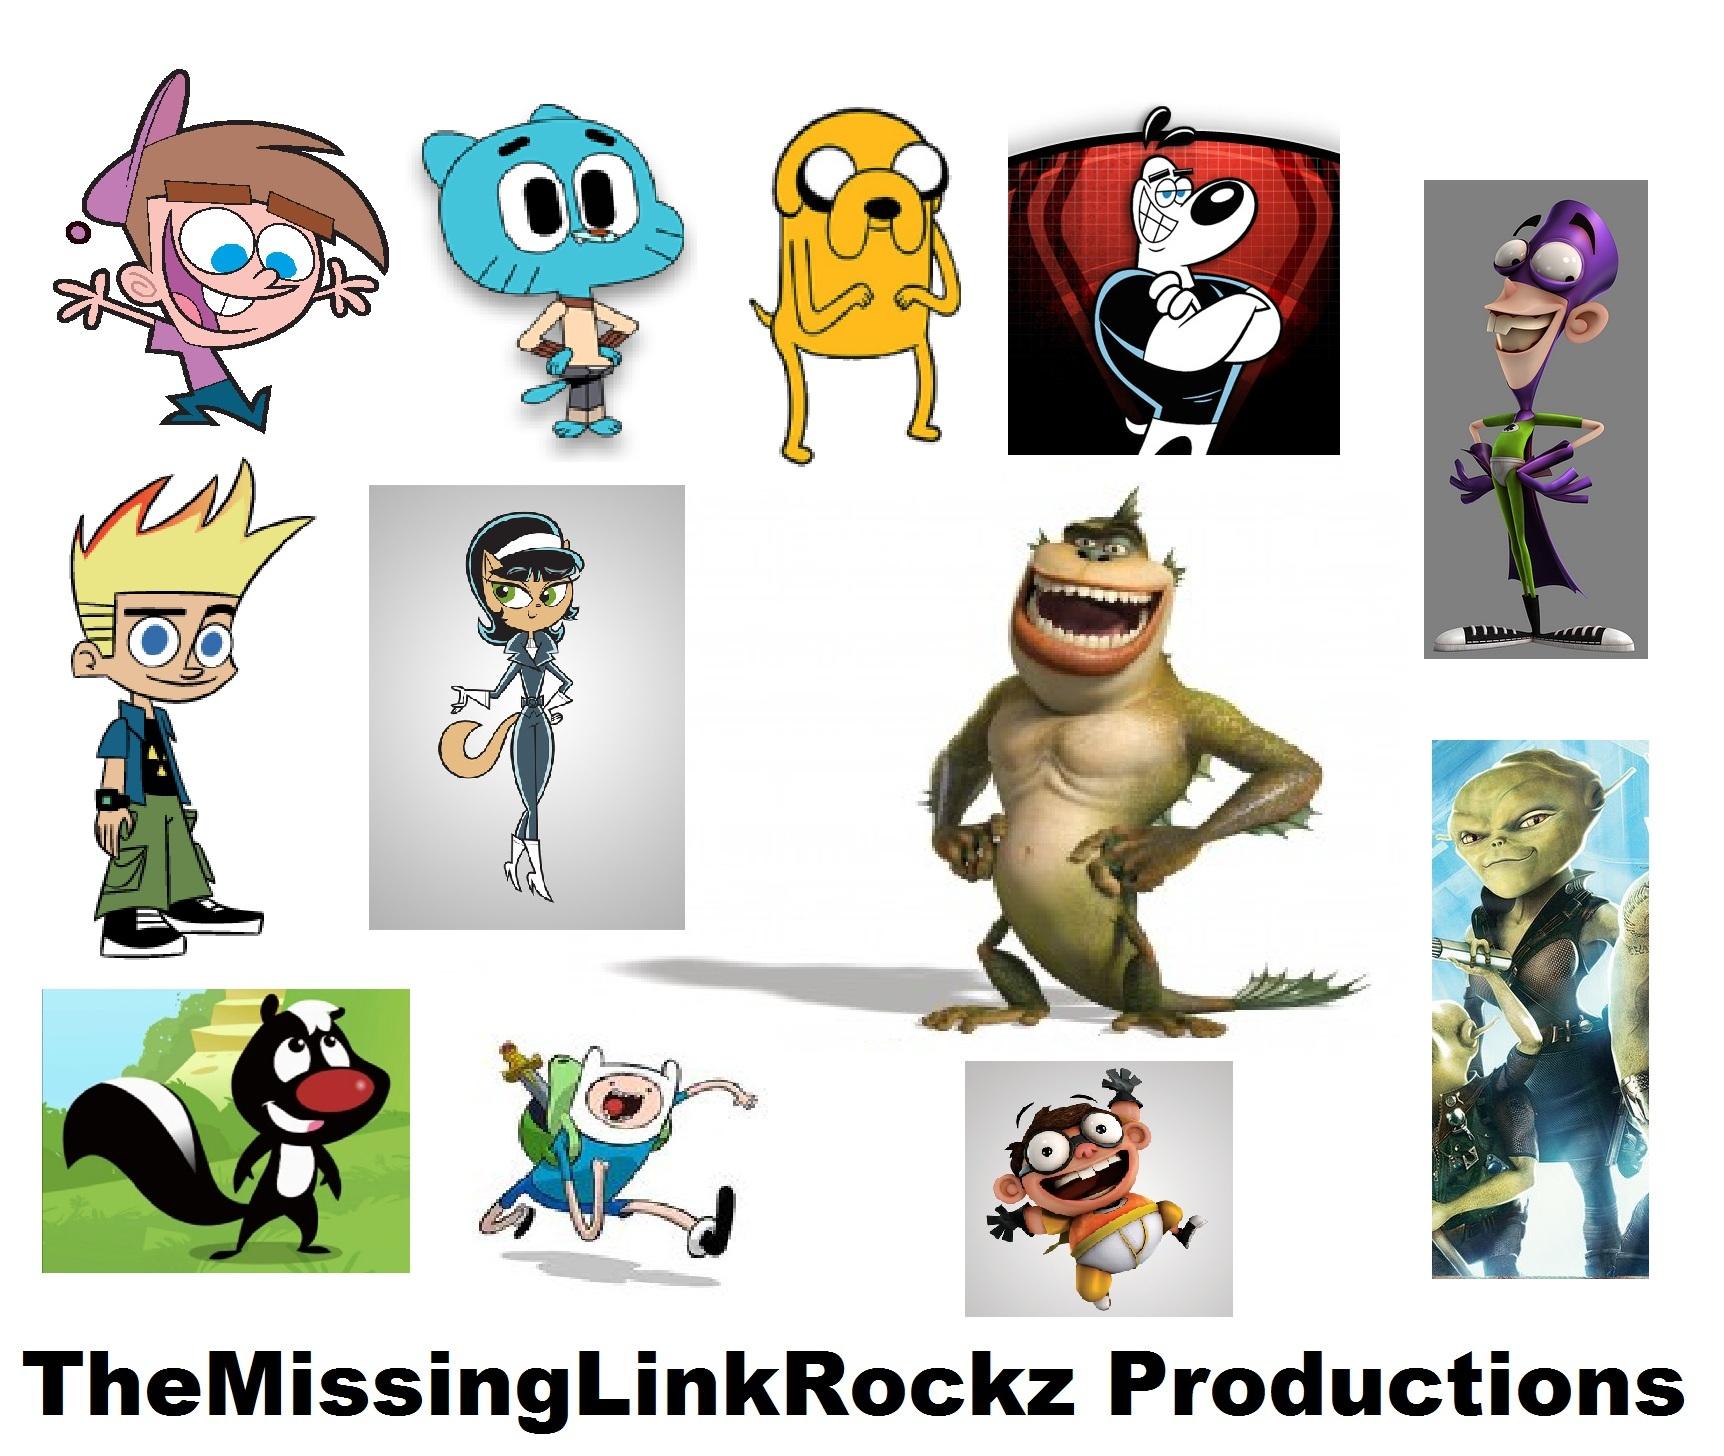 Themissinglinkrockz S Channel Scratchpad Fandom